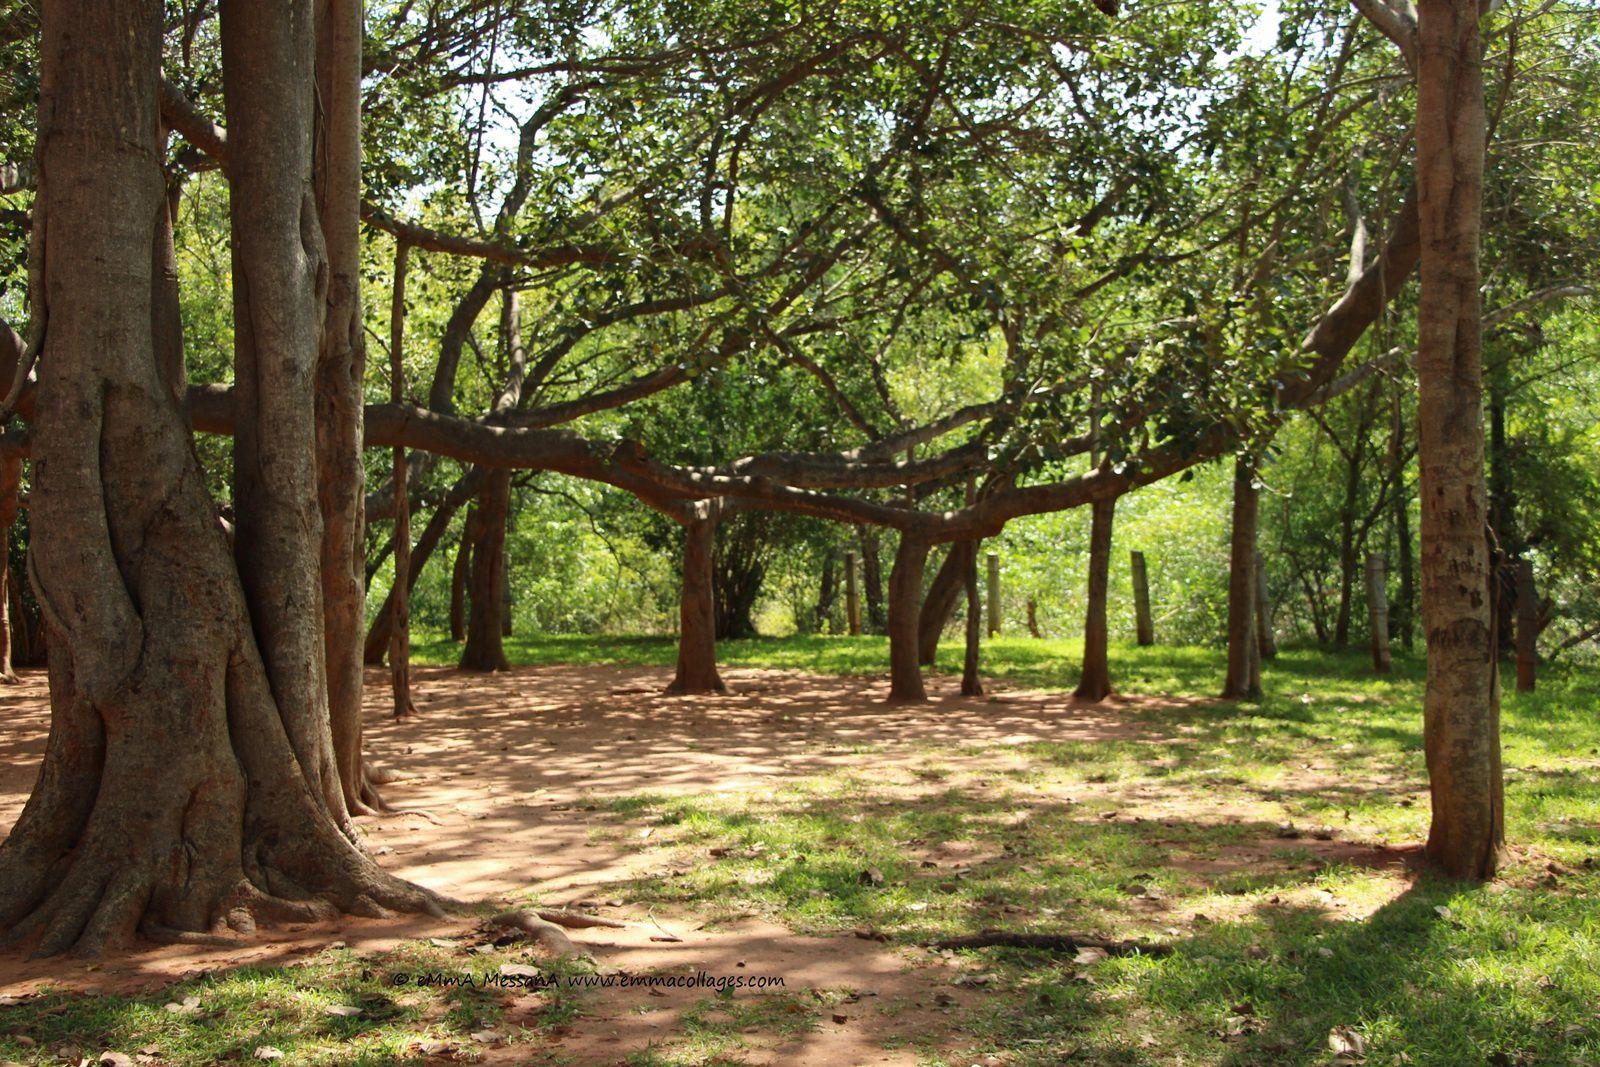 Etrange arbre aux racines porteuses, le banian. Auroville (Tamil Nadu), février 2017